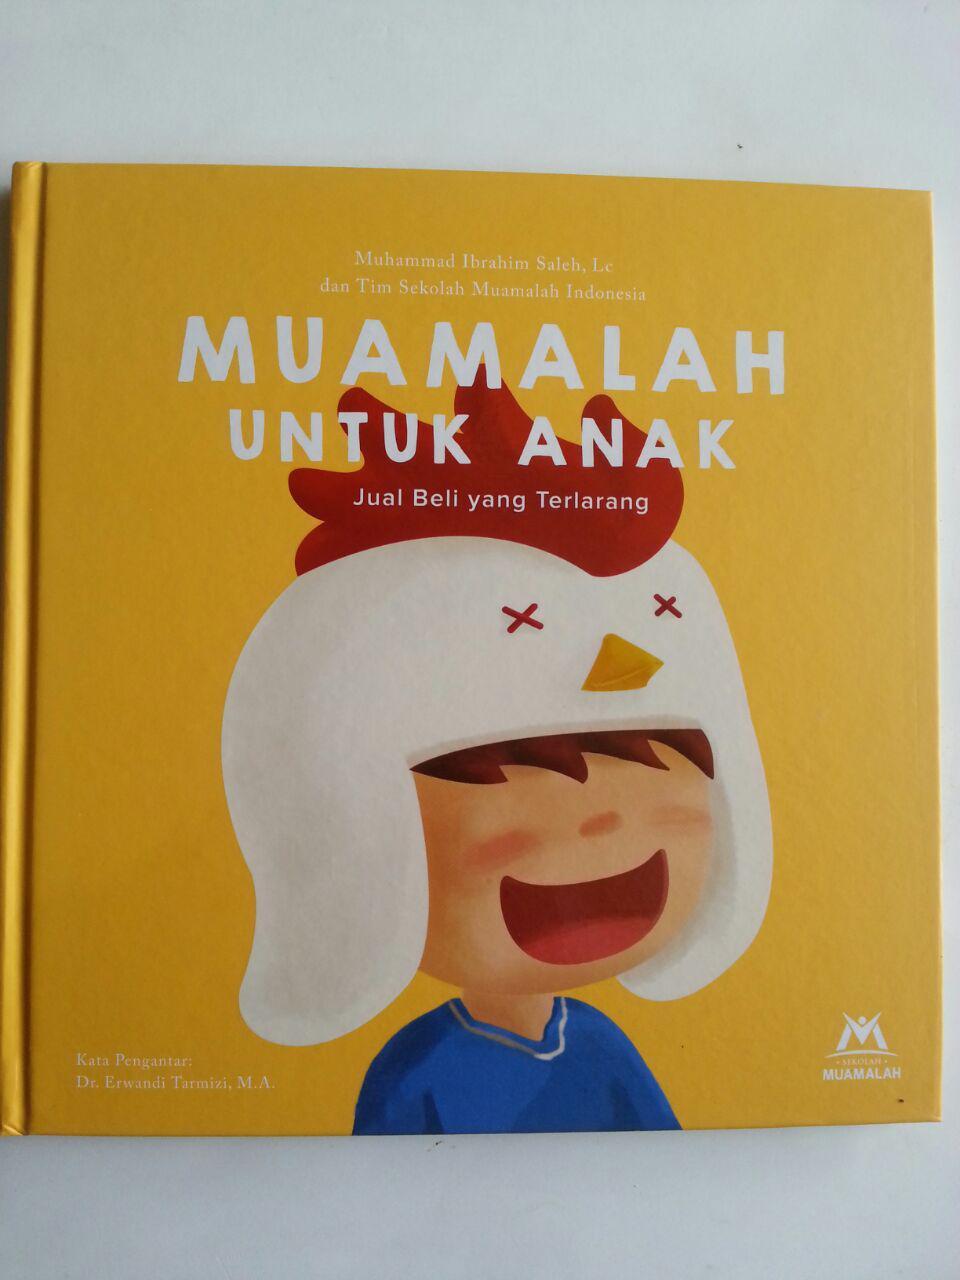 Buku Muamalah Untuk Anak Jual Beli Yang Terlarang cover 2